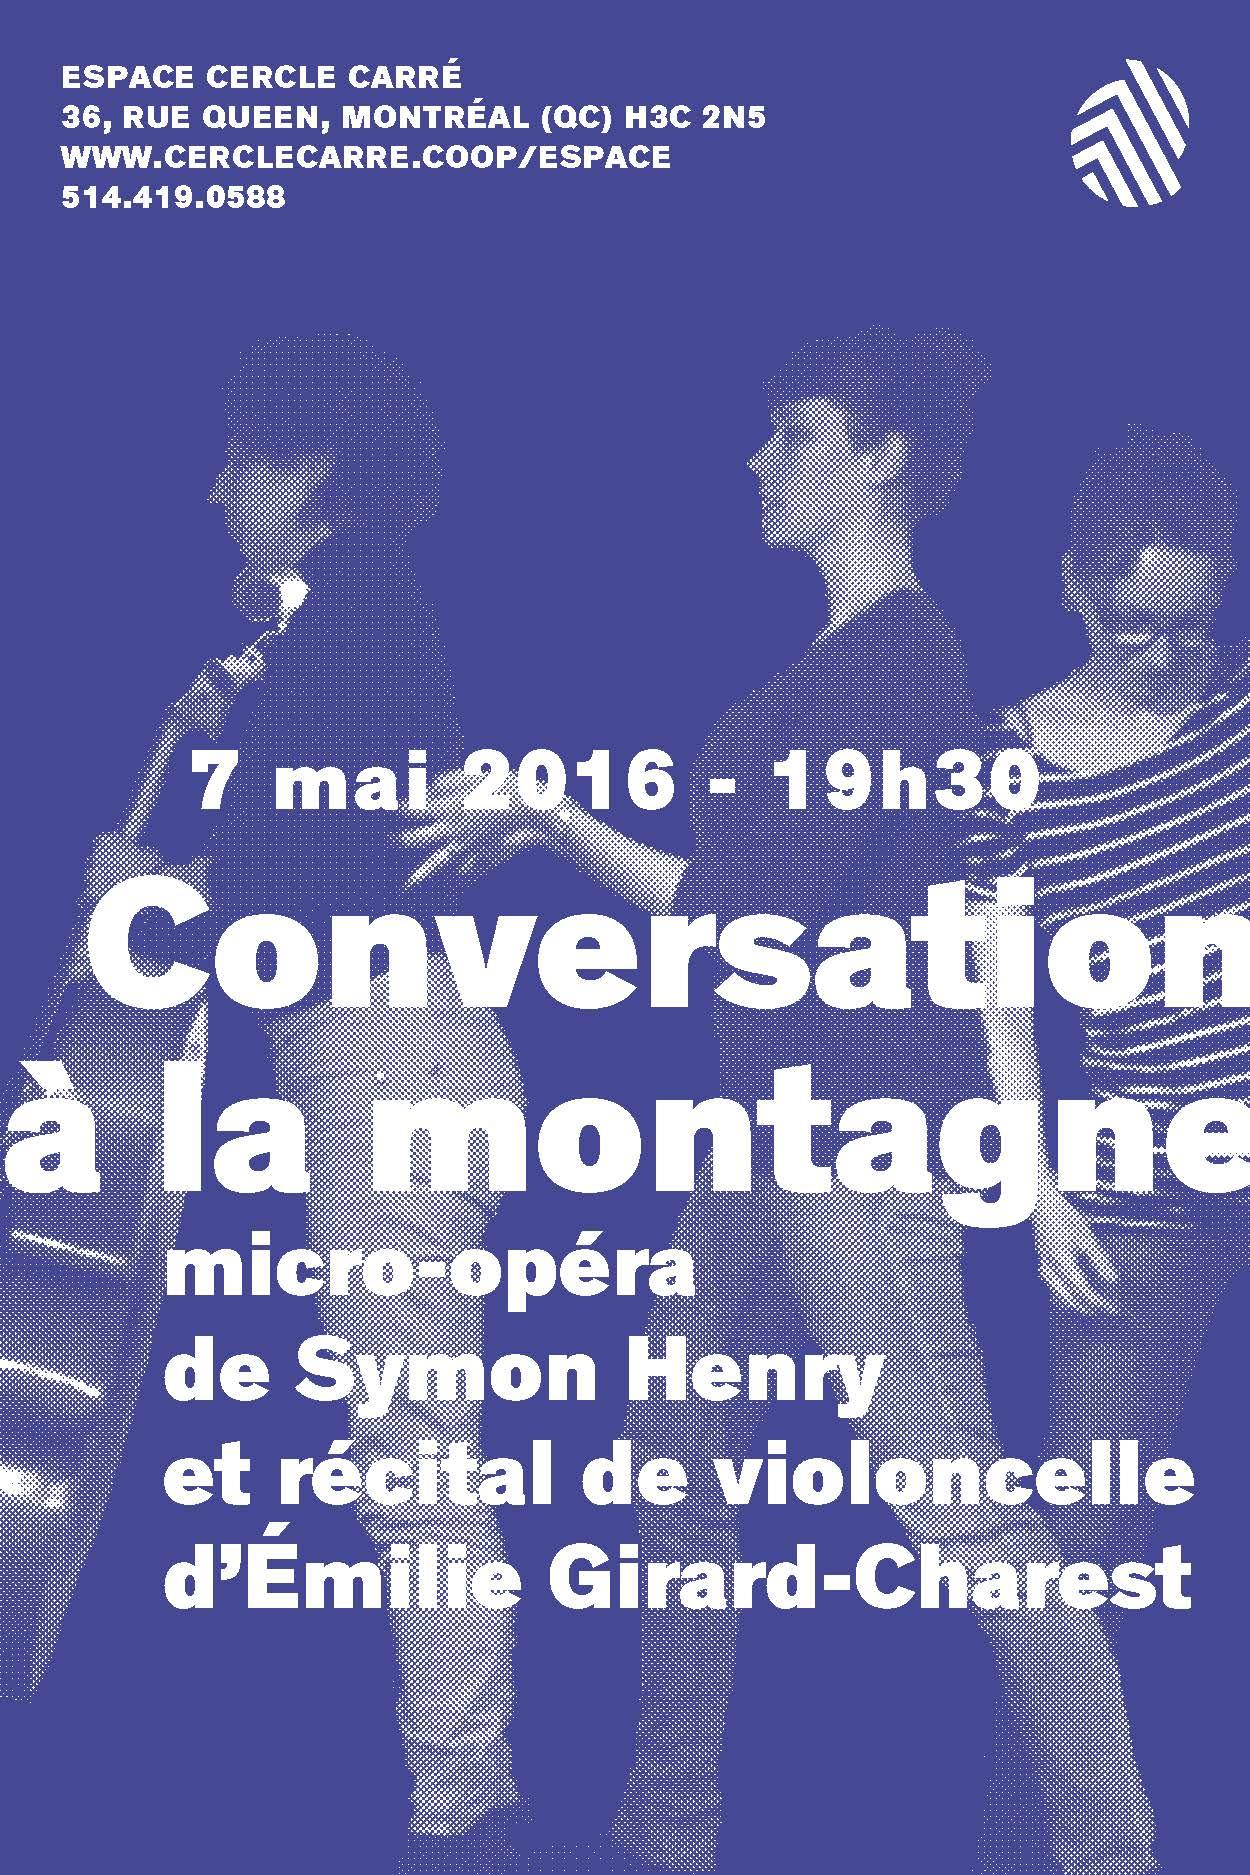 Carton - Conversation a la Montagne_2